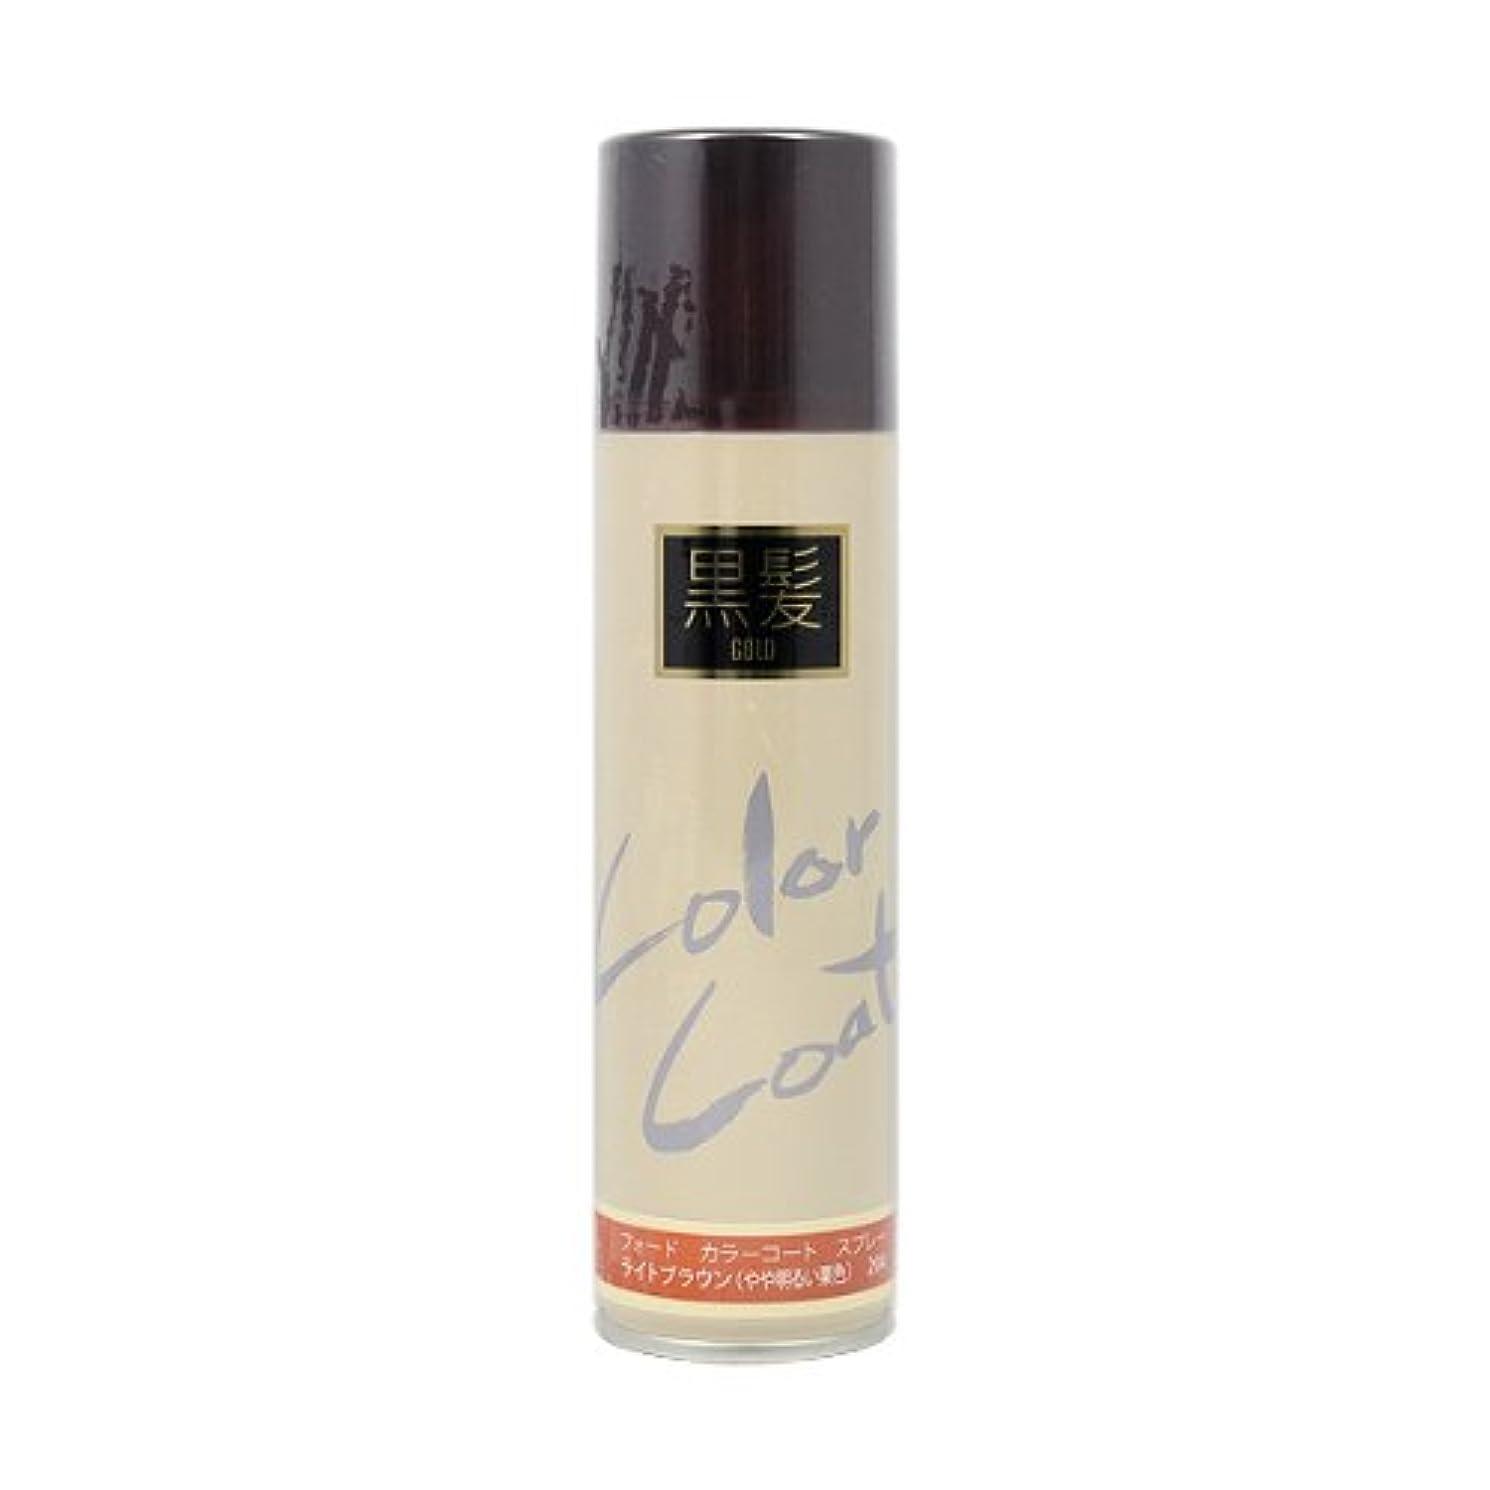 小包アレルギー副産物FORD カラーコート 黒髪ゴールド (ライトブラウン) 204